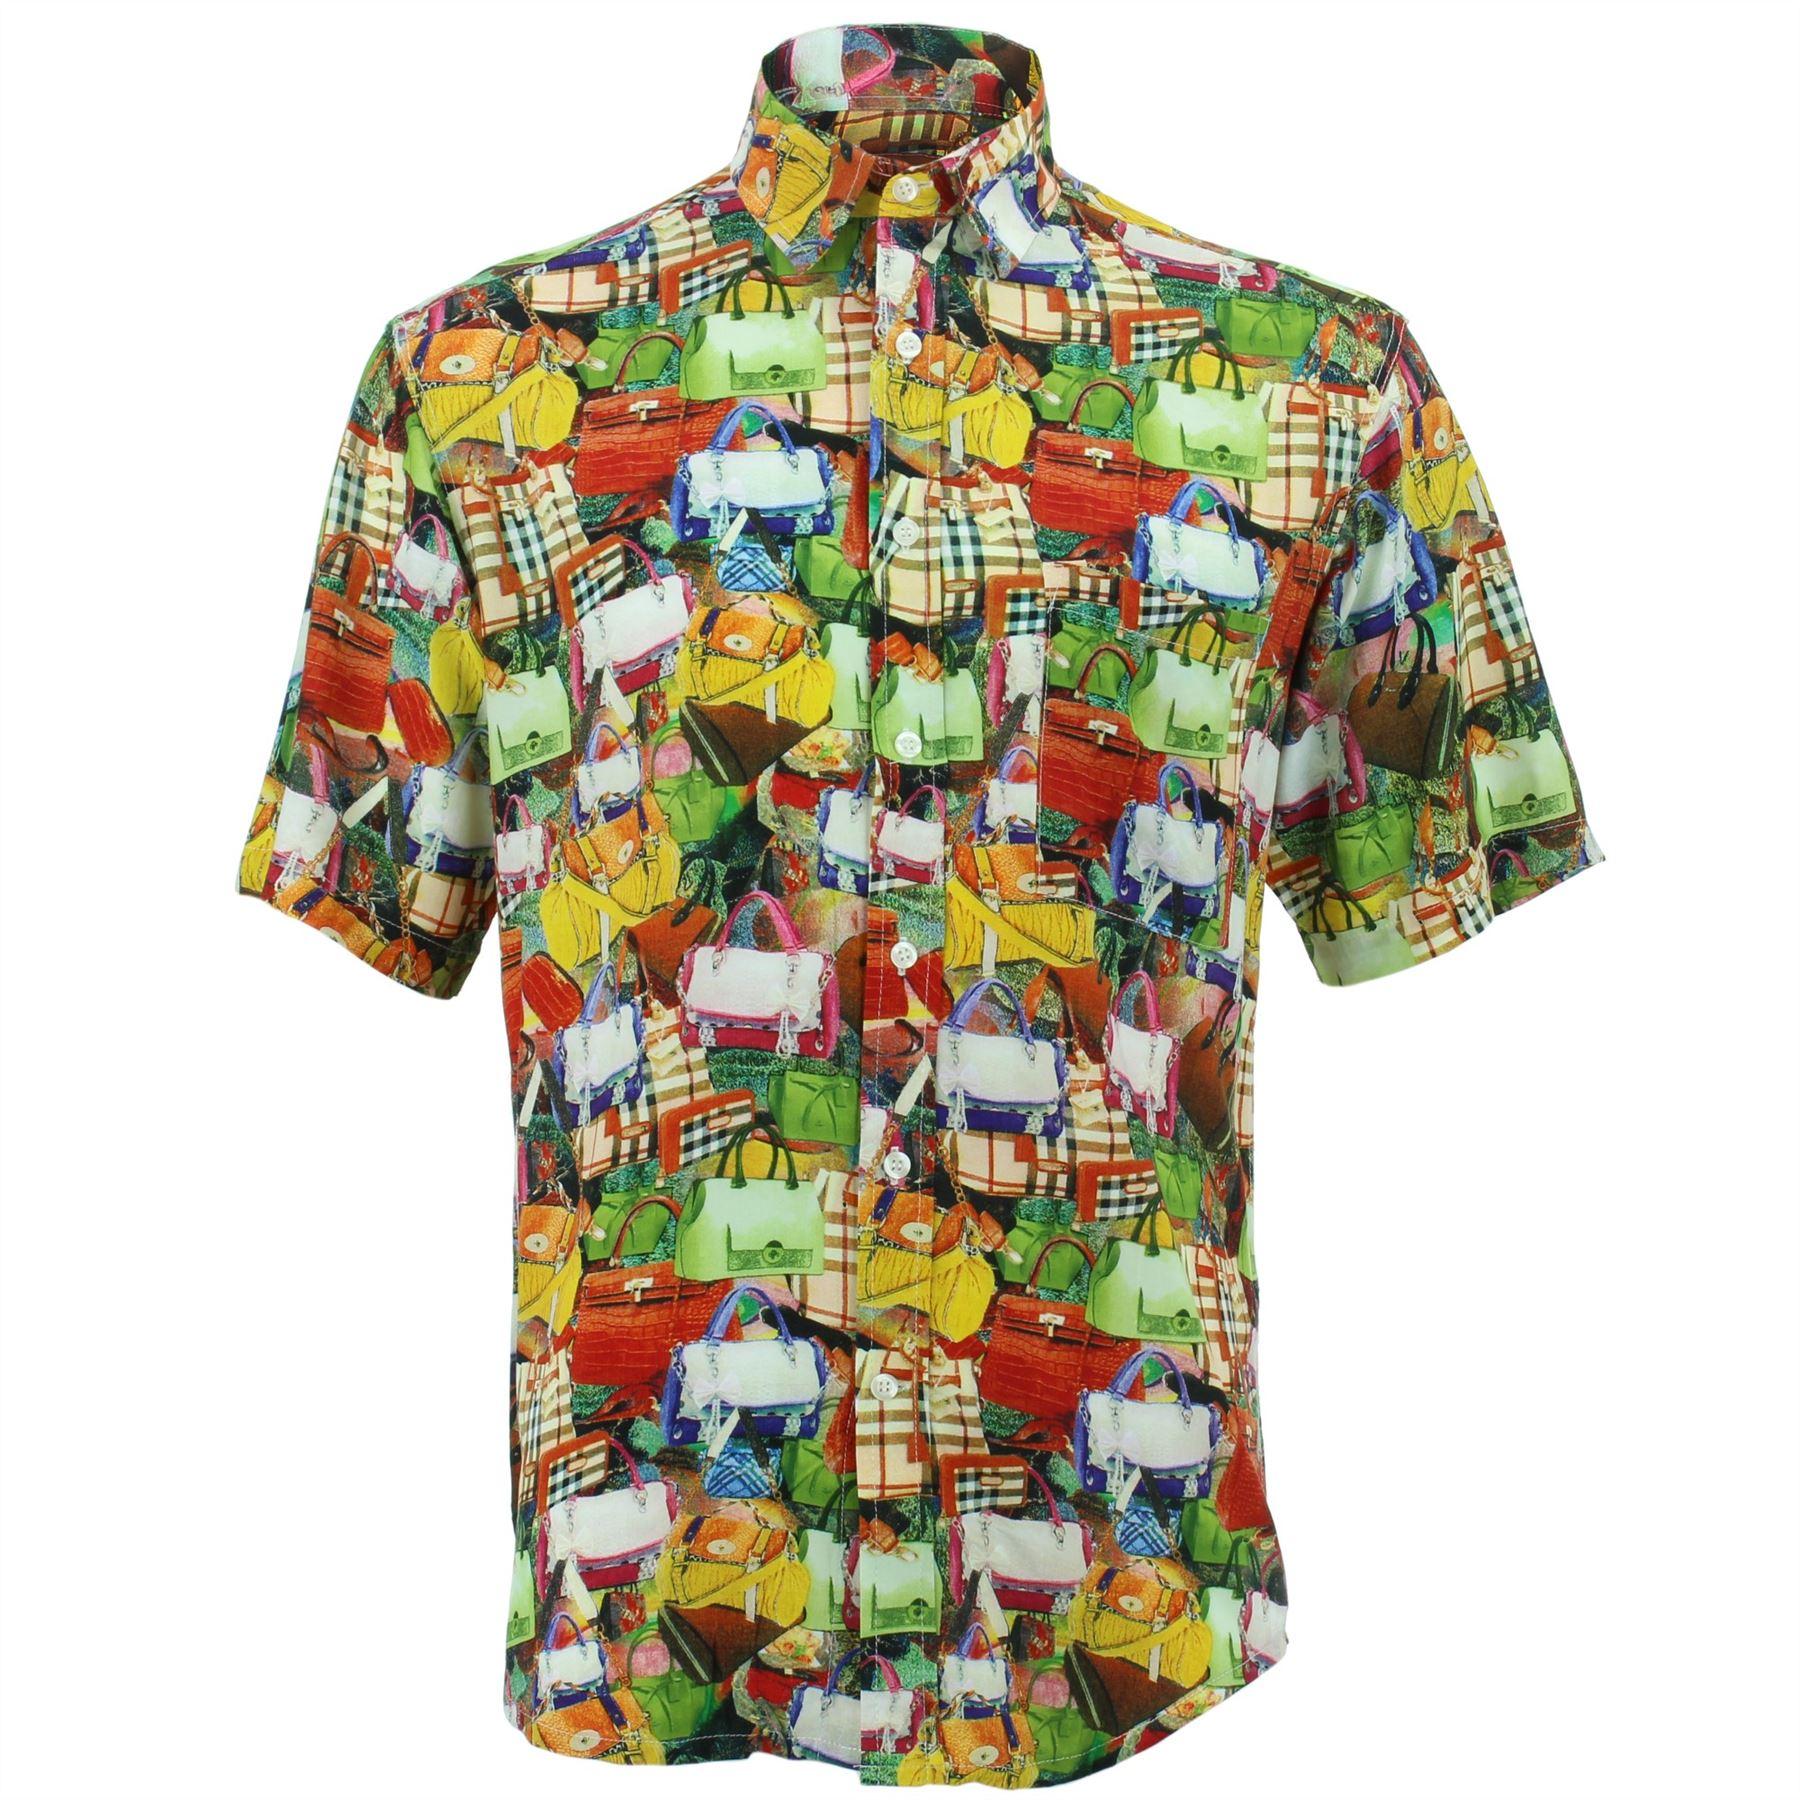 Tie Dye Hippie Tunic Top Dress Boho Beach Kaftan Size 18 20 22 24 26 28 30 UB20